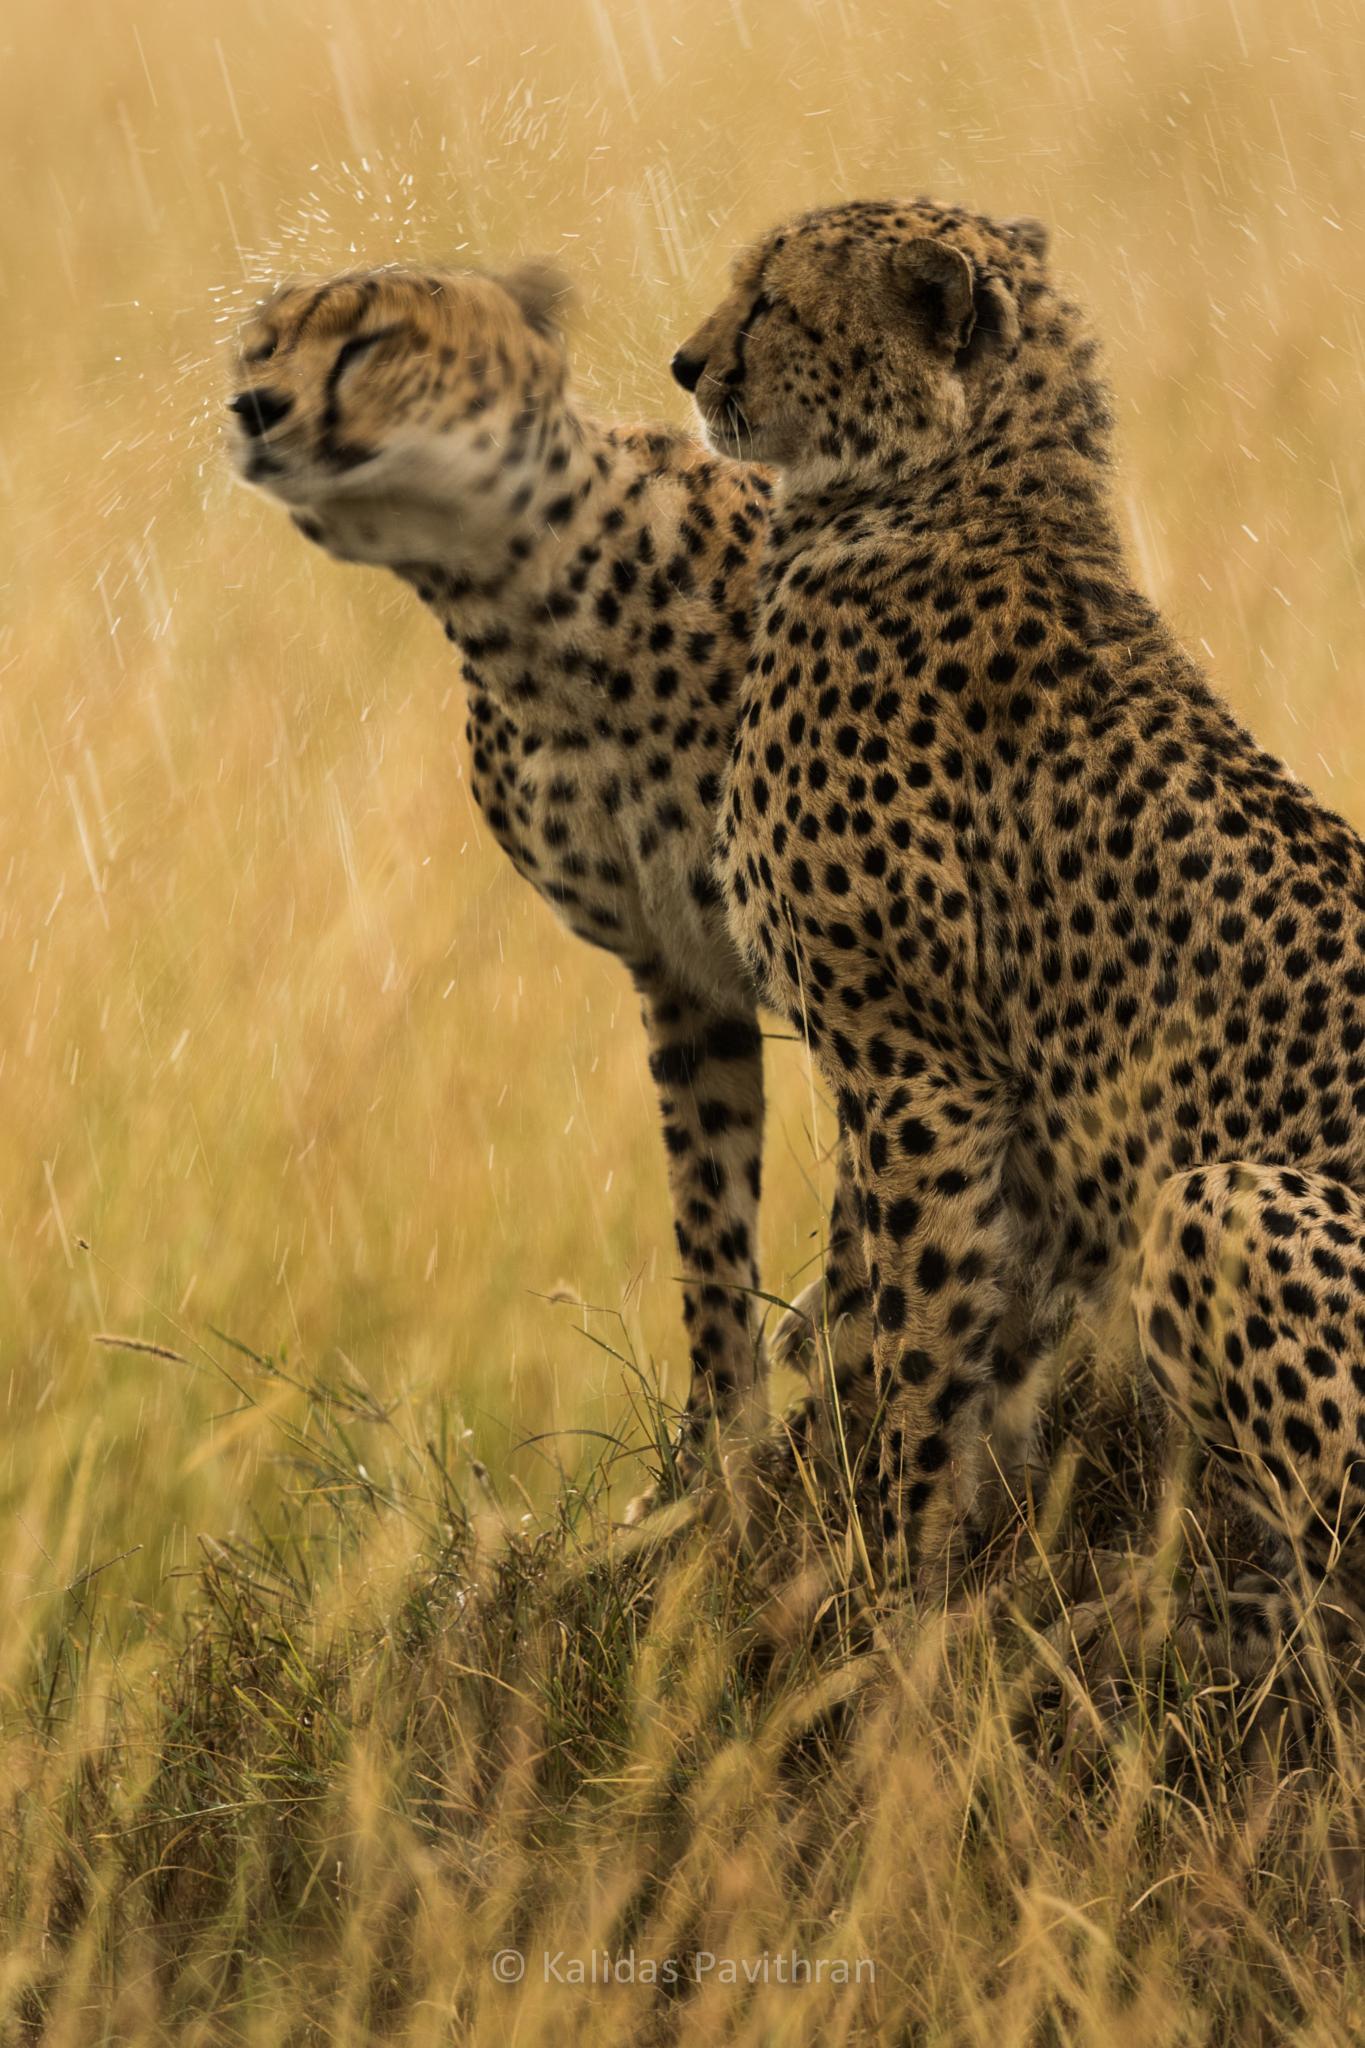 Cheetahs in Rain by Kalidas Pavithran